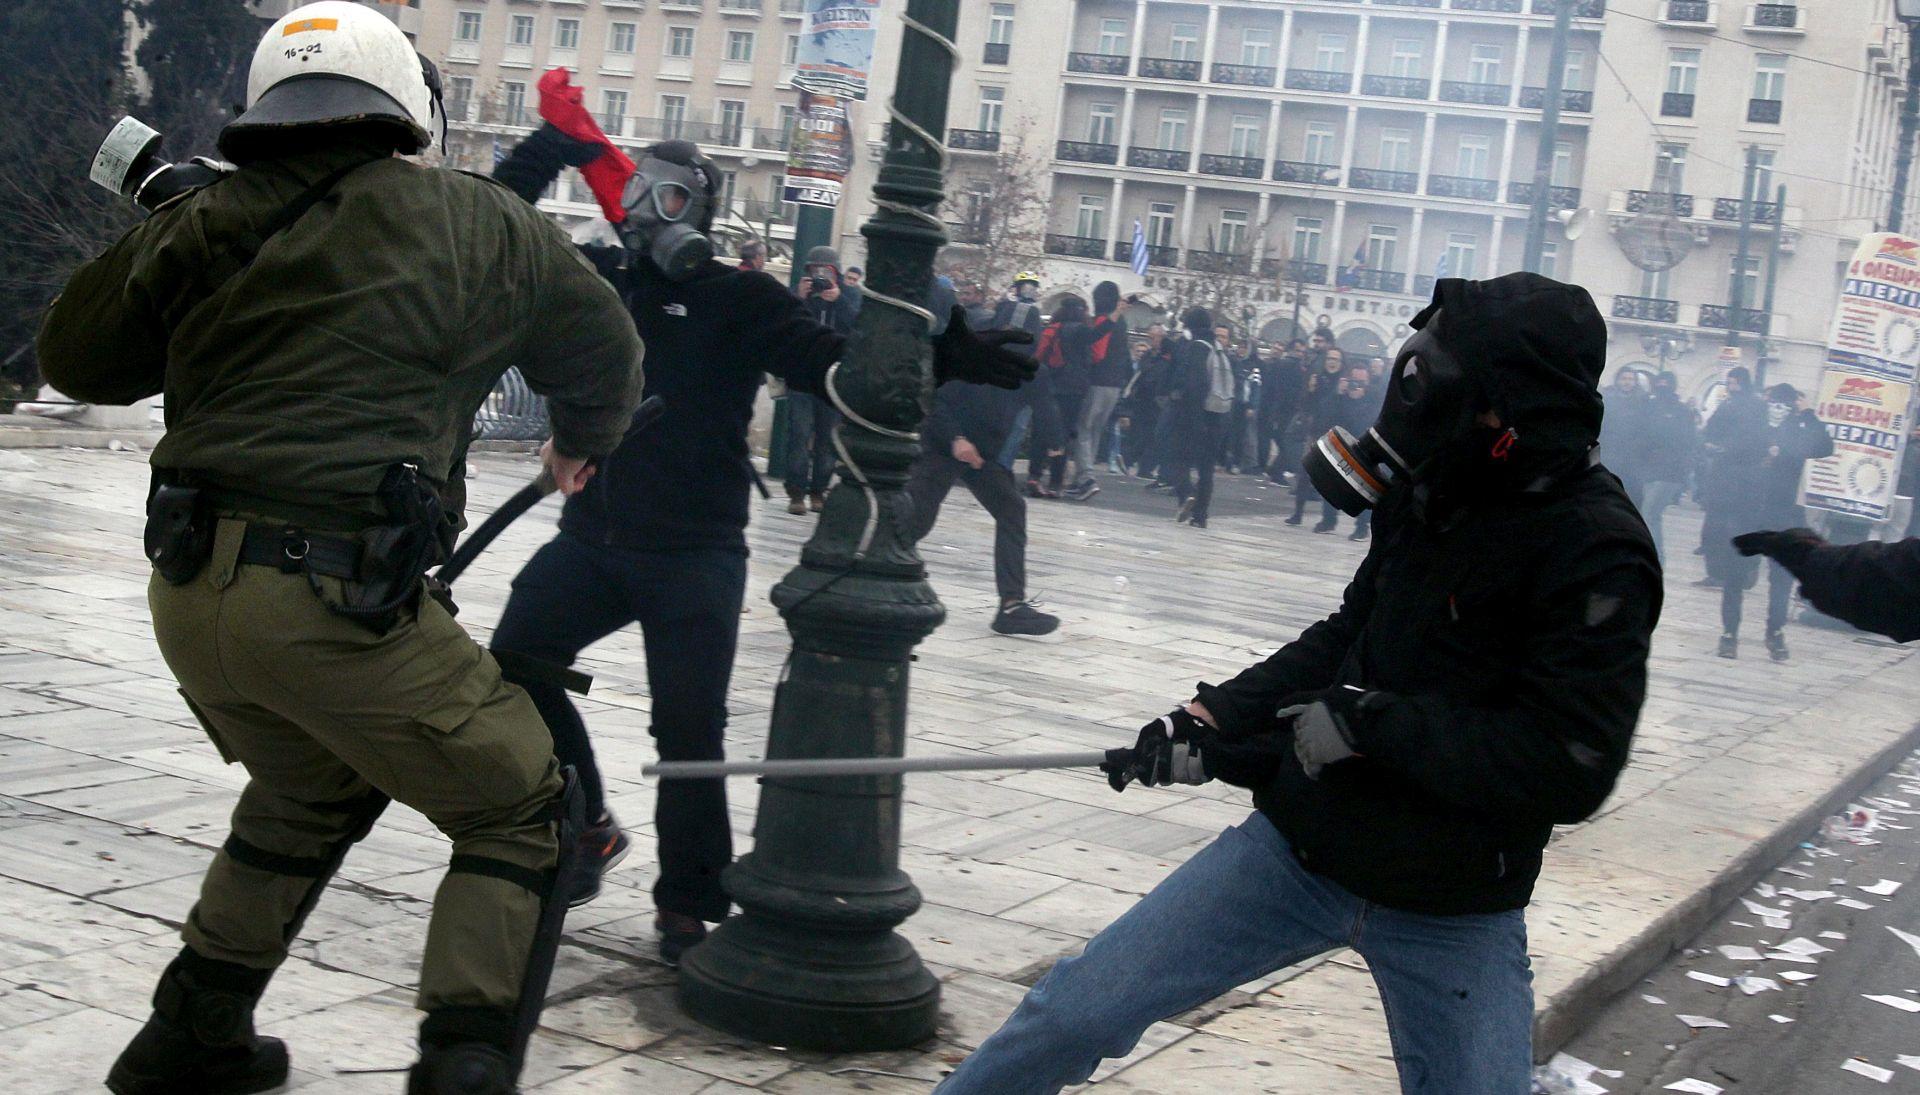 NOVI MIGRANTSKI CENTAR: Žestoki prosvjedi stanovnika grčkog otoka Kosa